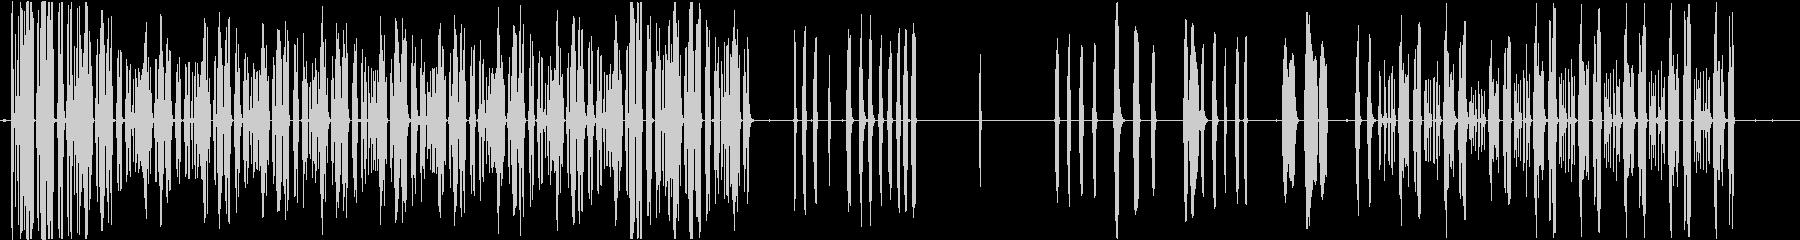 トーンパルスランダムシーケンスの未再生の波形